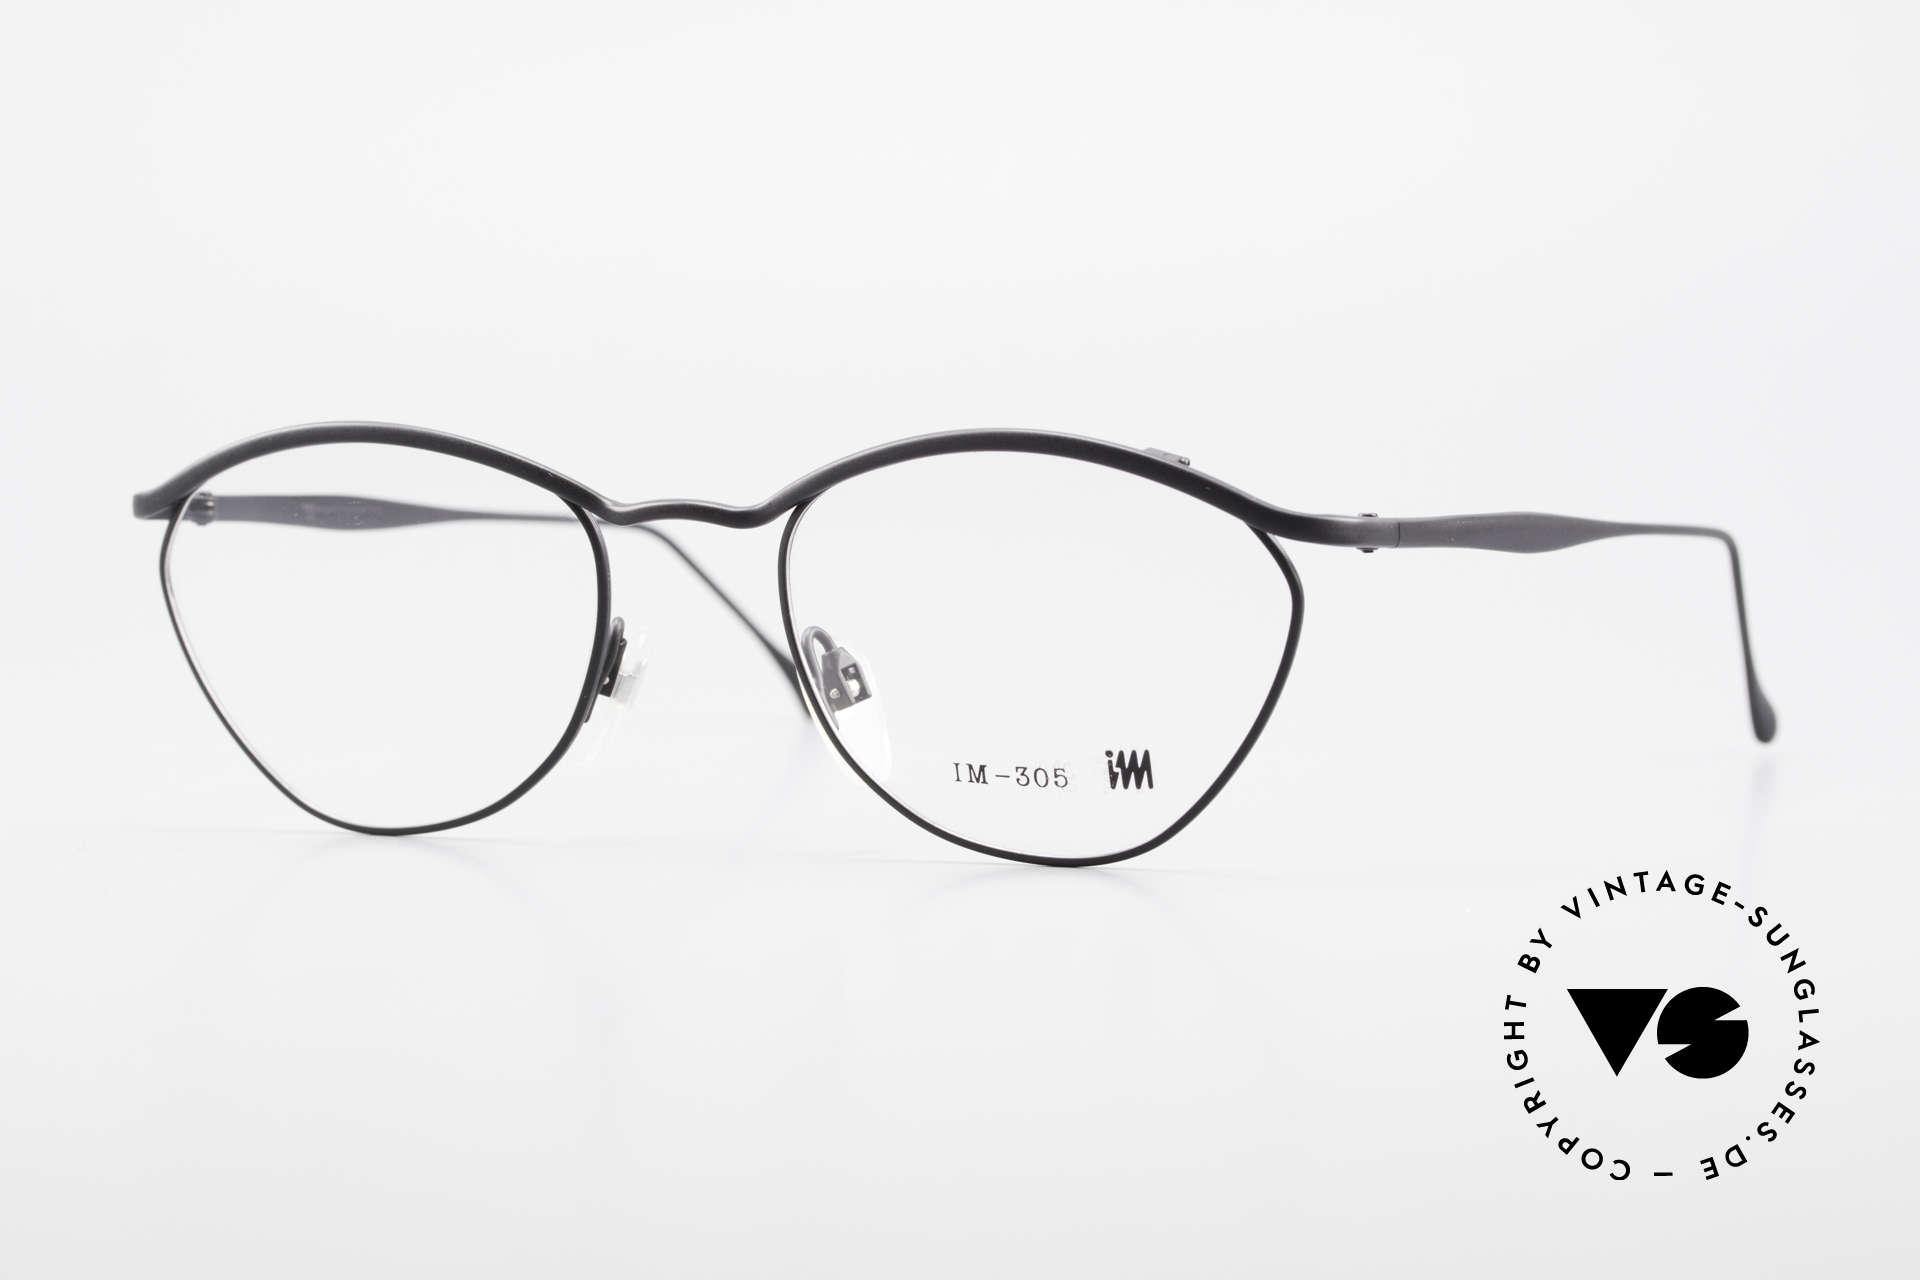 Miyake Design Studio IM305 Insider Eyeglasses All Titan, interesting ALL TITAN eyeglasses from 1992/93, Made for Men and Women